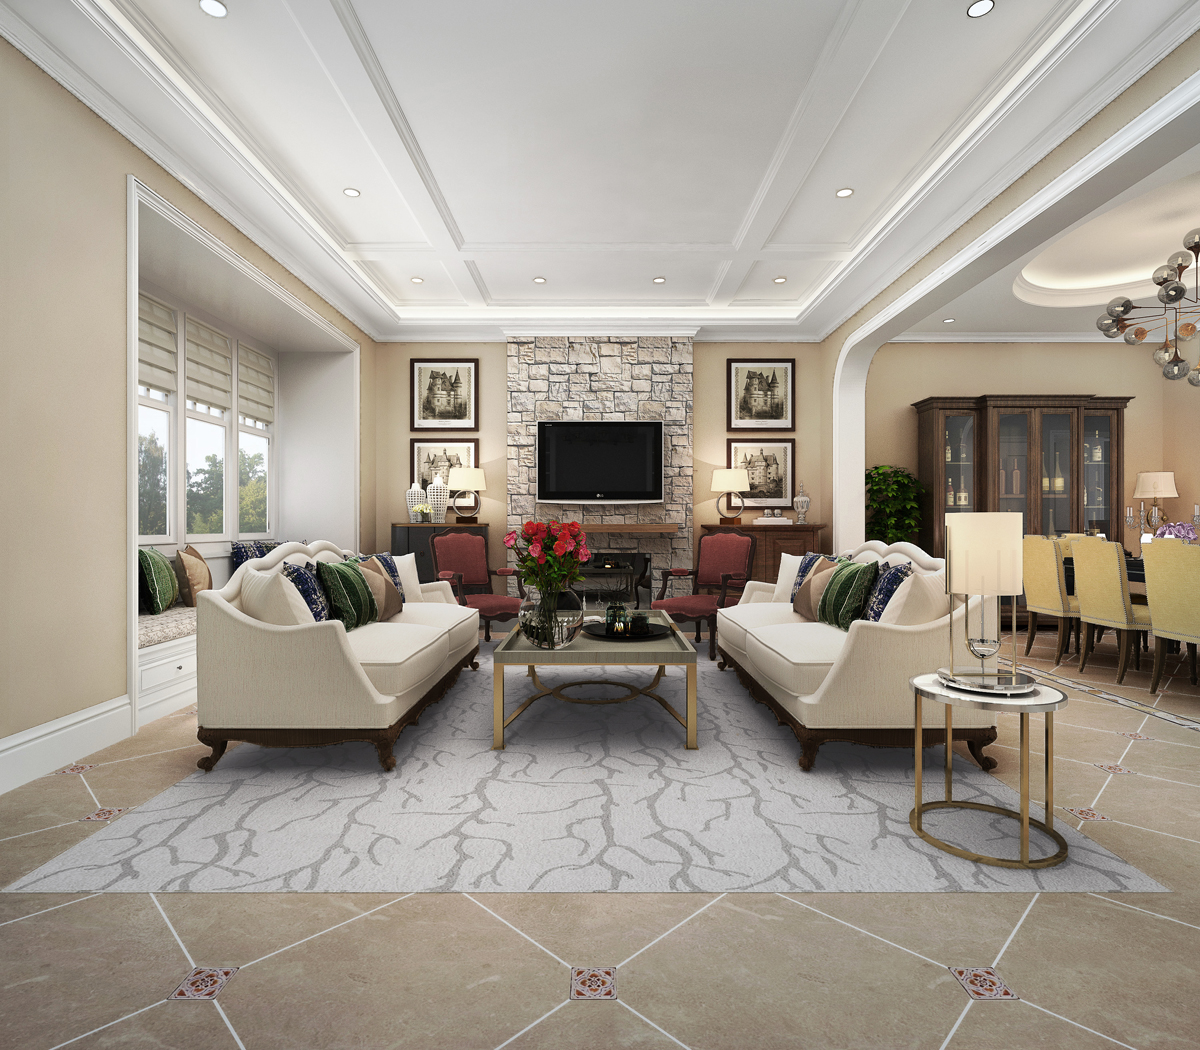 简约 美式 别墅 客厅图片来自轻舟装饰-90后的华仔在亚运新新家园-480平米-简美风格的分享